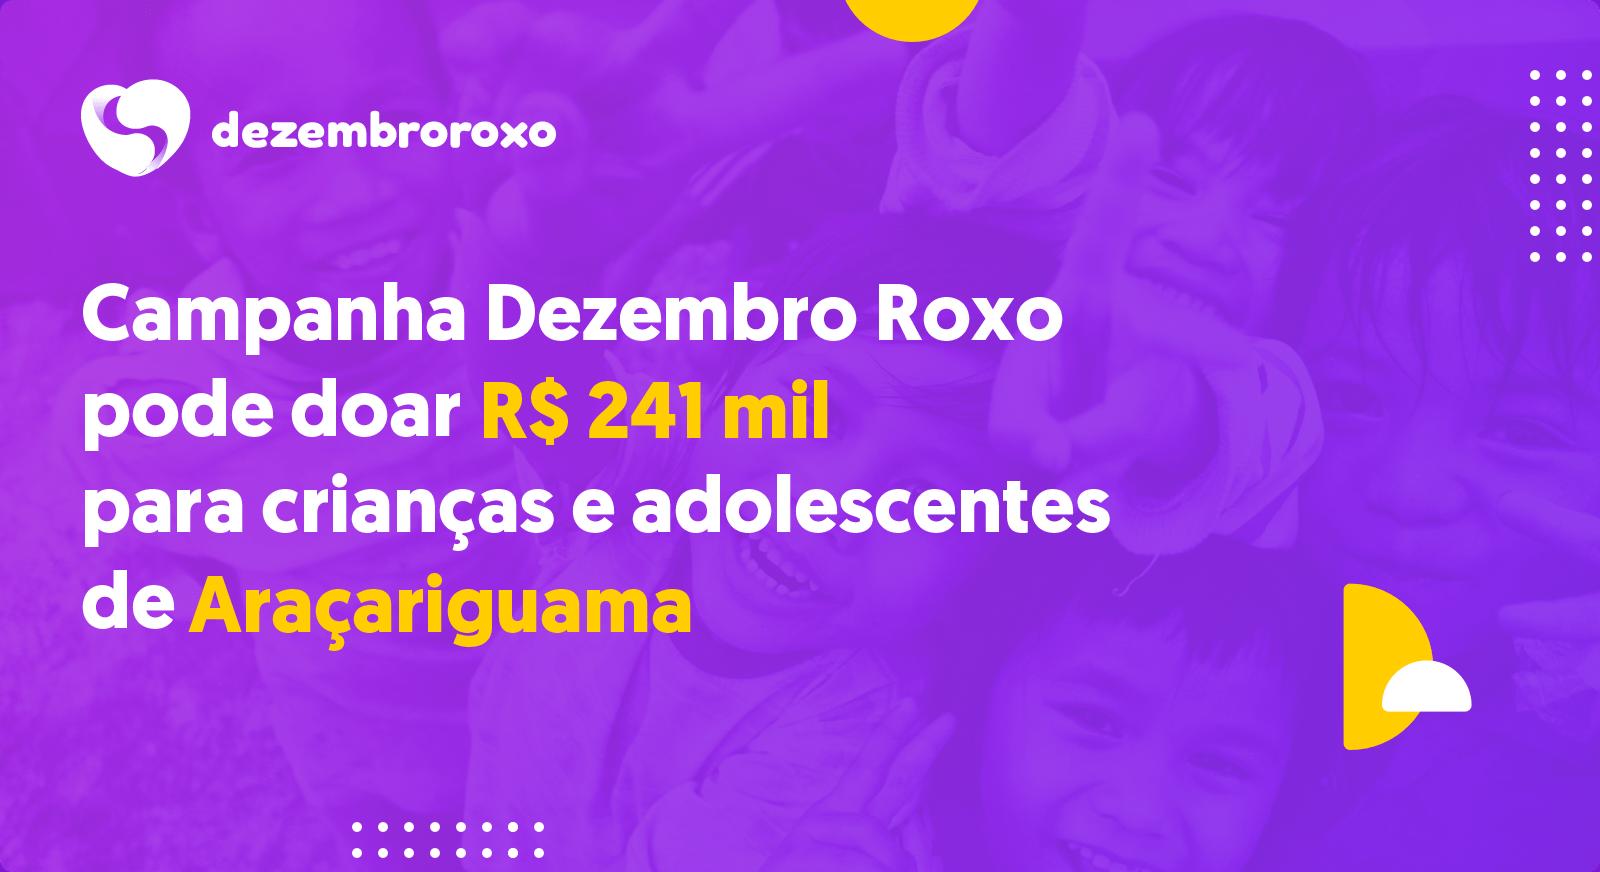 Doações em Araçariguama - SP